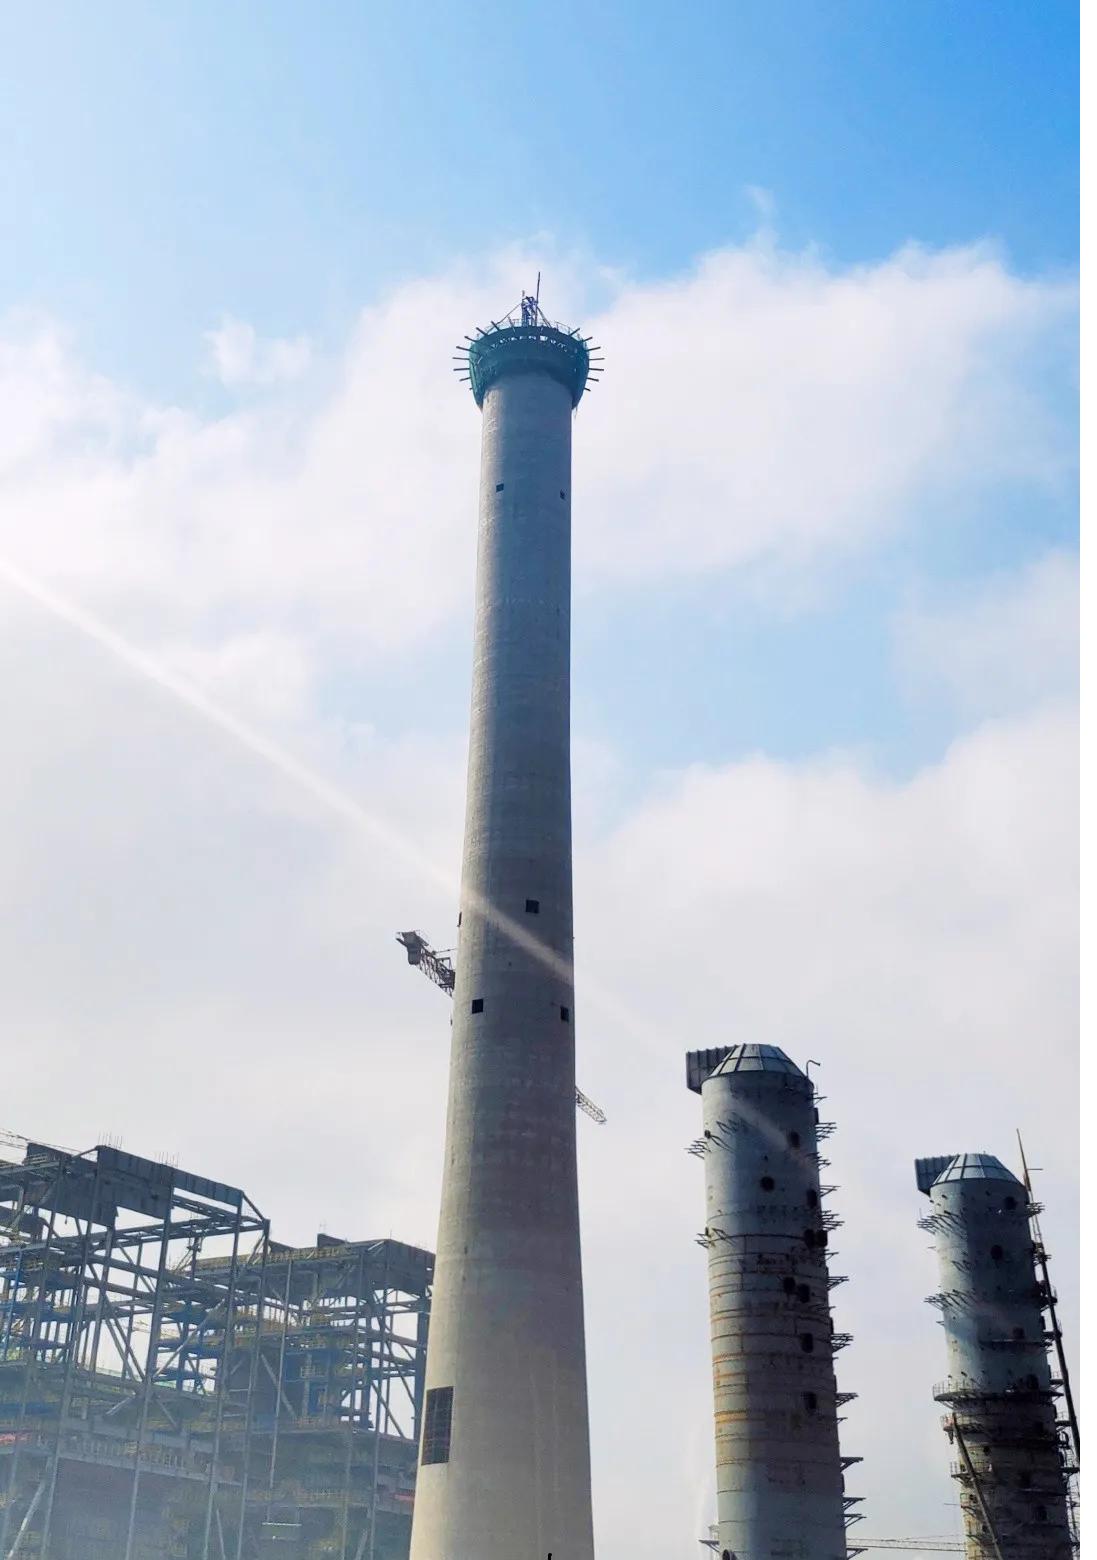 宁夏鲲鹏清洁能源乙二醇项目126米烟囱顺利封顶